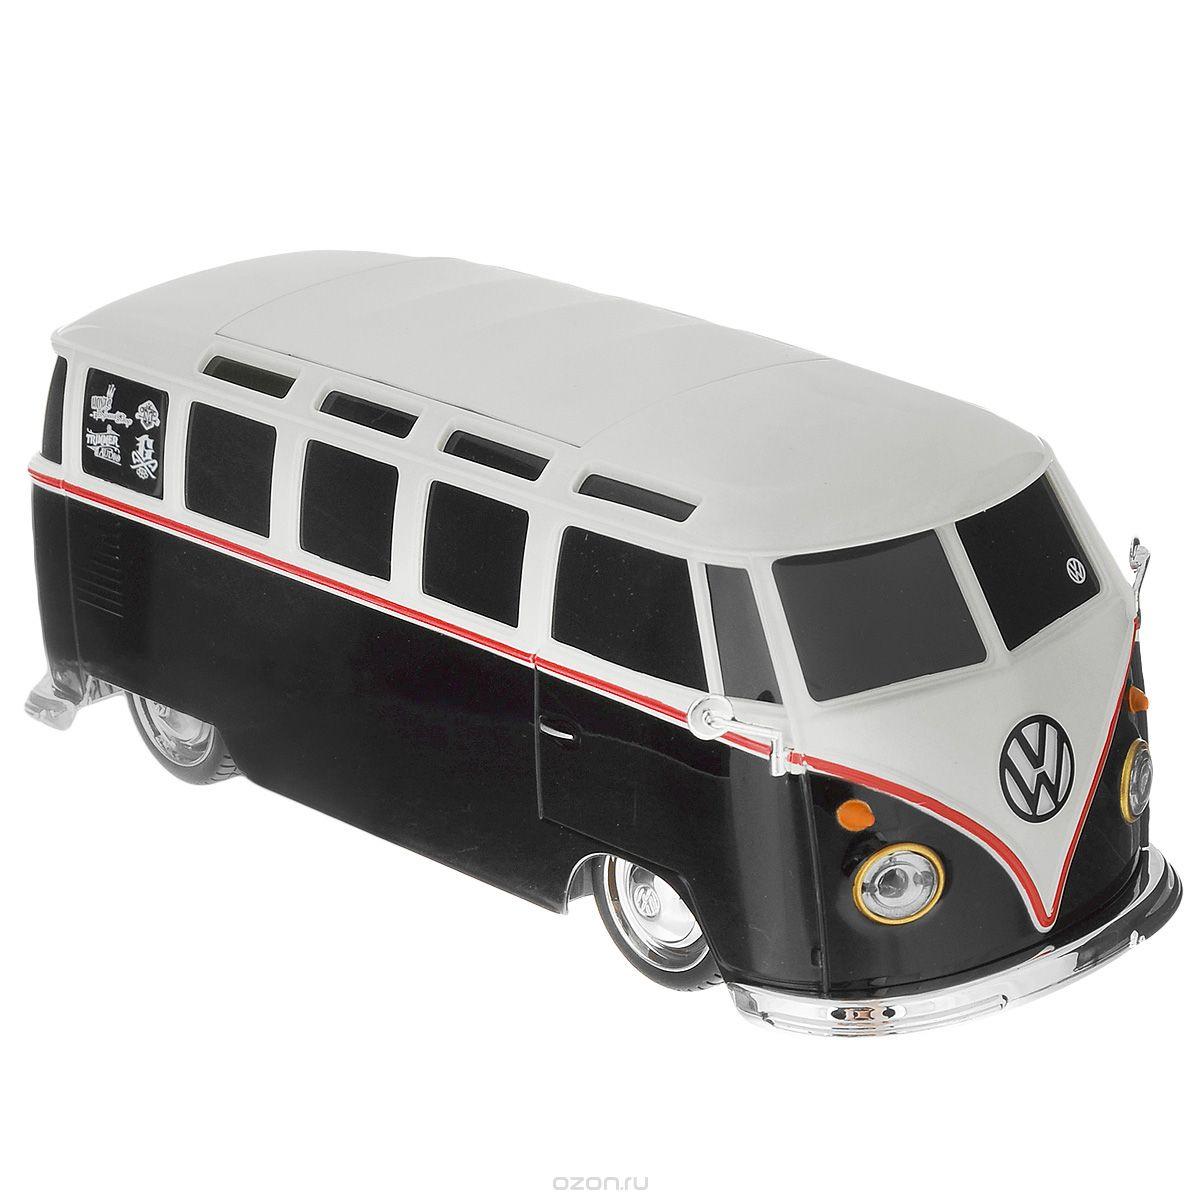 Maisto Радиоуправляемая модель Volkswagen Van Samba цвет черный белый81144_черный, белый_1745Модель представляет собой точную миниатюрную копию одного из культовых микроавтобусов мира. Автомобиль отличается высокой детализацией и ходовыми характеристиками - имеются амортизаторы, дифференциал, можно выбрать две частотные полосы и управлять одновременно двумя моделями. Модель оснащена световыми приборами: светятся задние фонари и передние фары, сигналы поворота и стоп-сигналы.